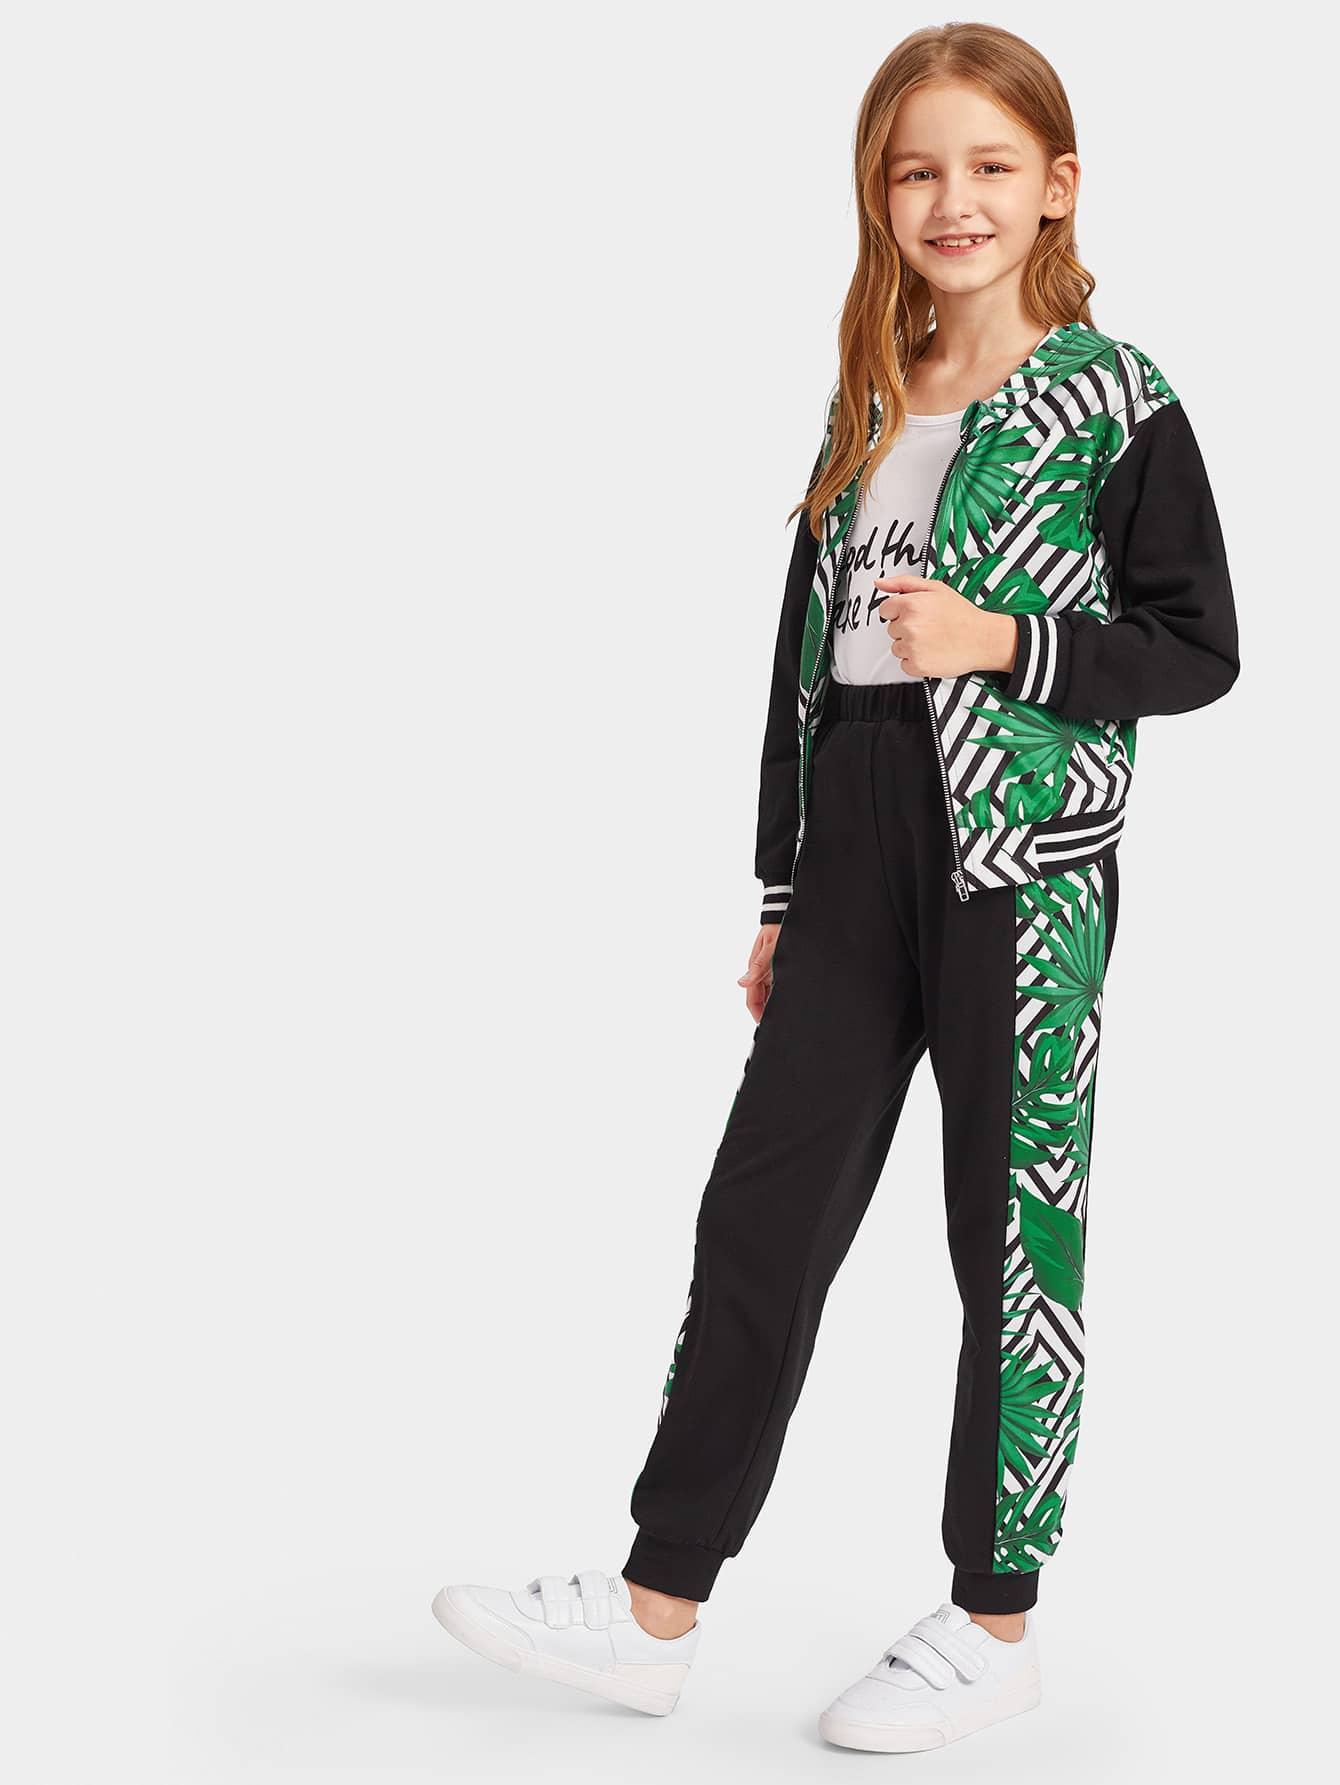 Купить Толстовка с полосатым и графическим принтом и спортивные брюки комплект, Sashab, SheIn